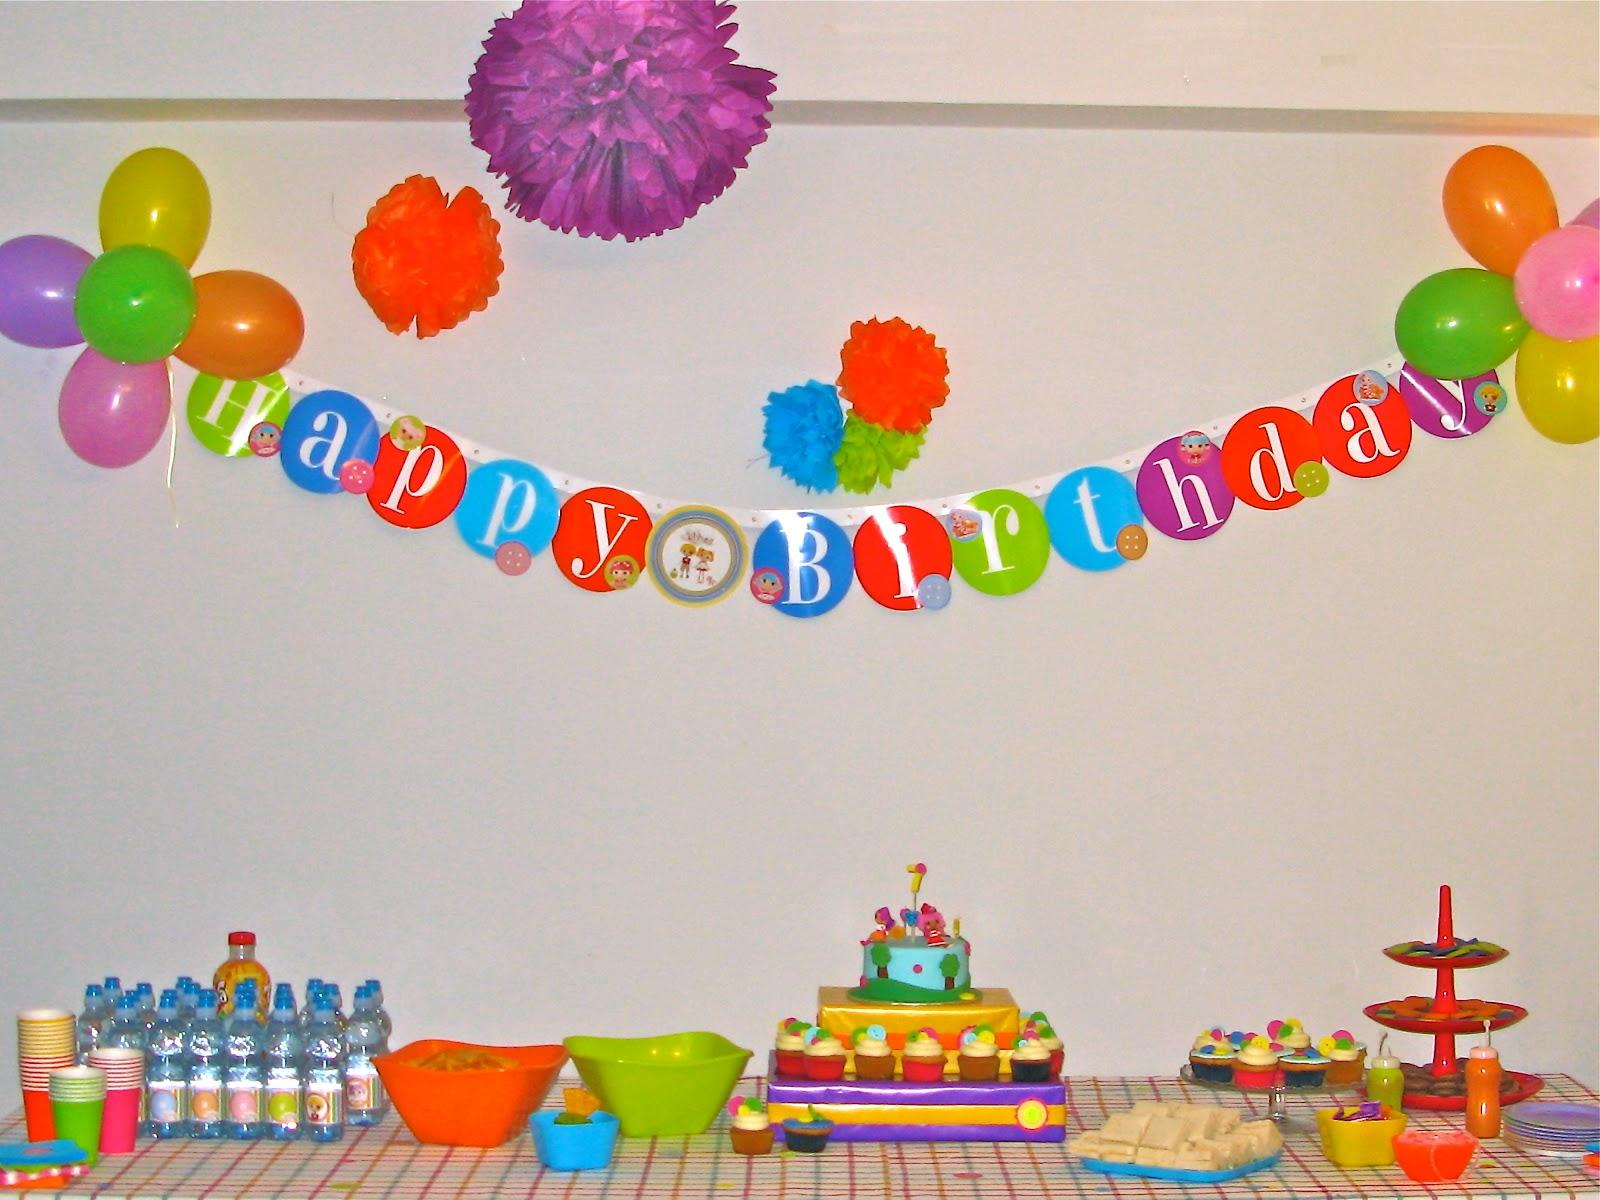 La desserterie y asi salio la fiesta de lalaloopsy - Decorar para un cumpleanos ...